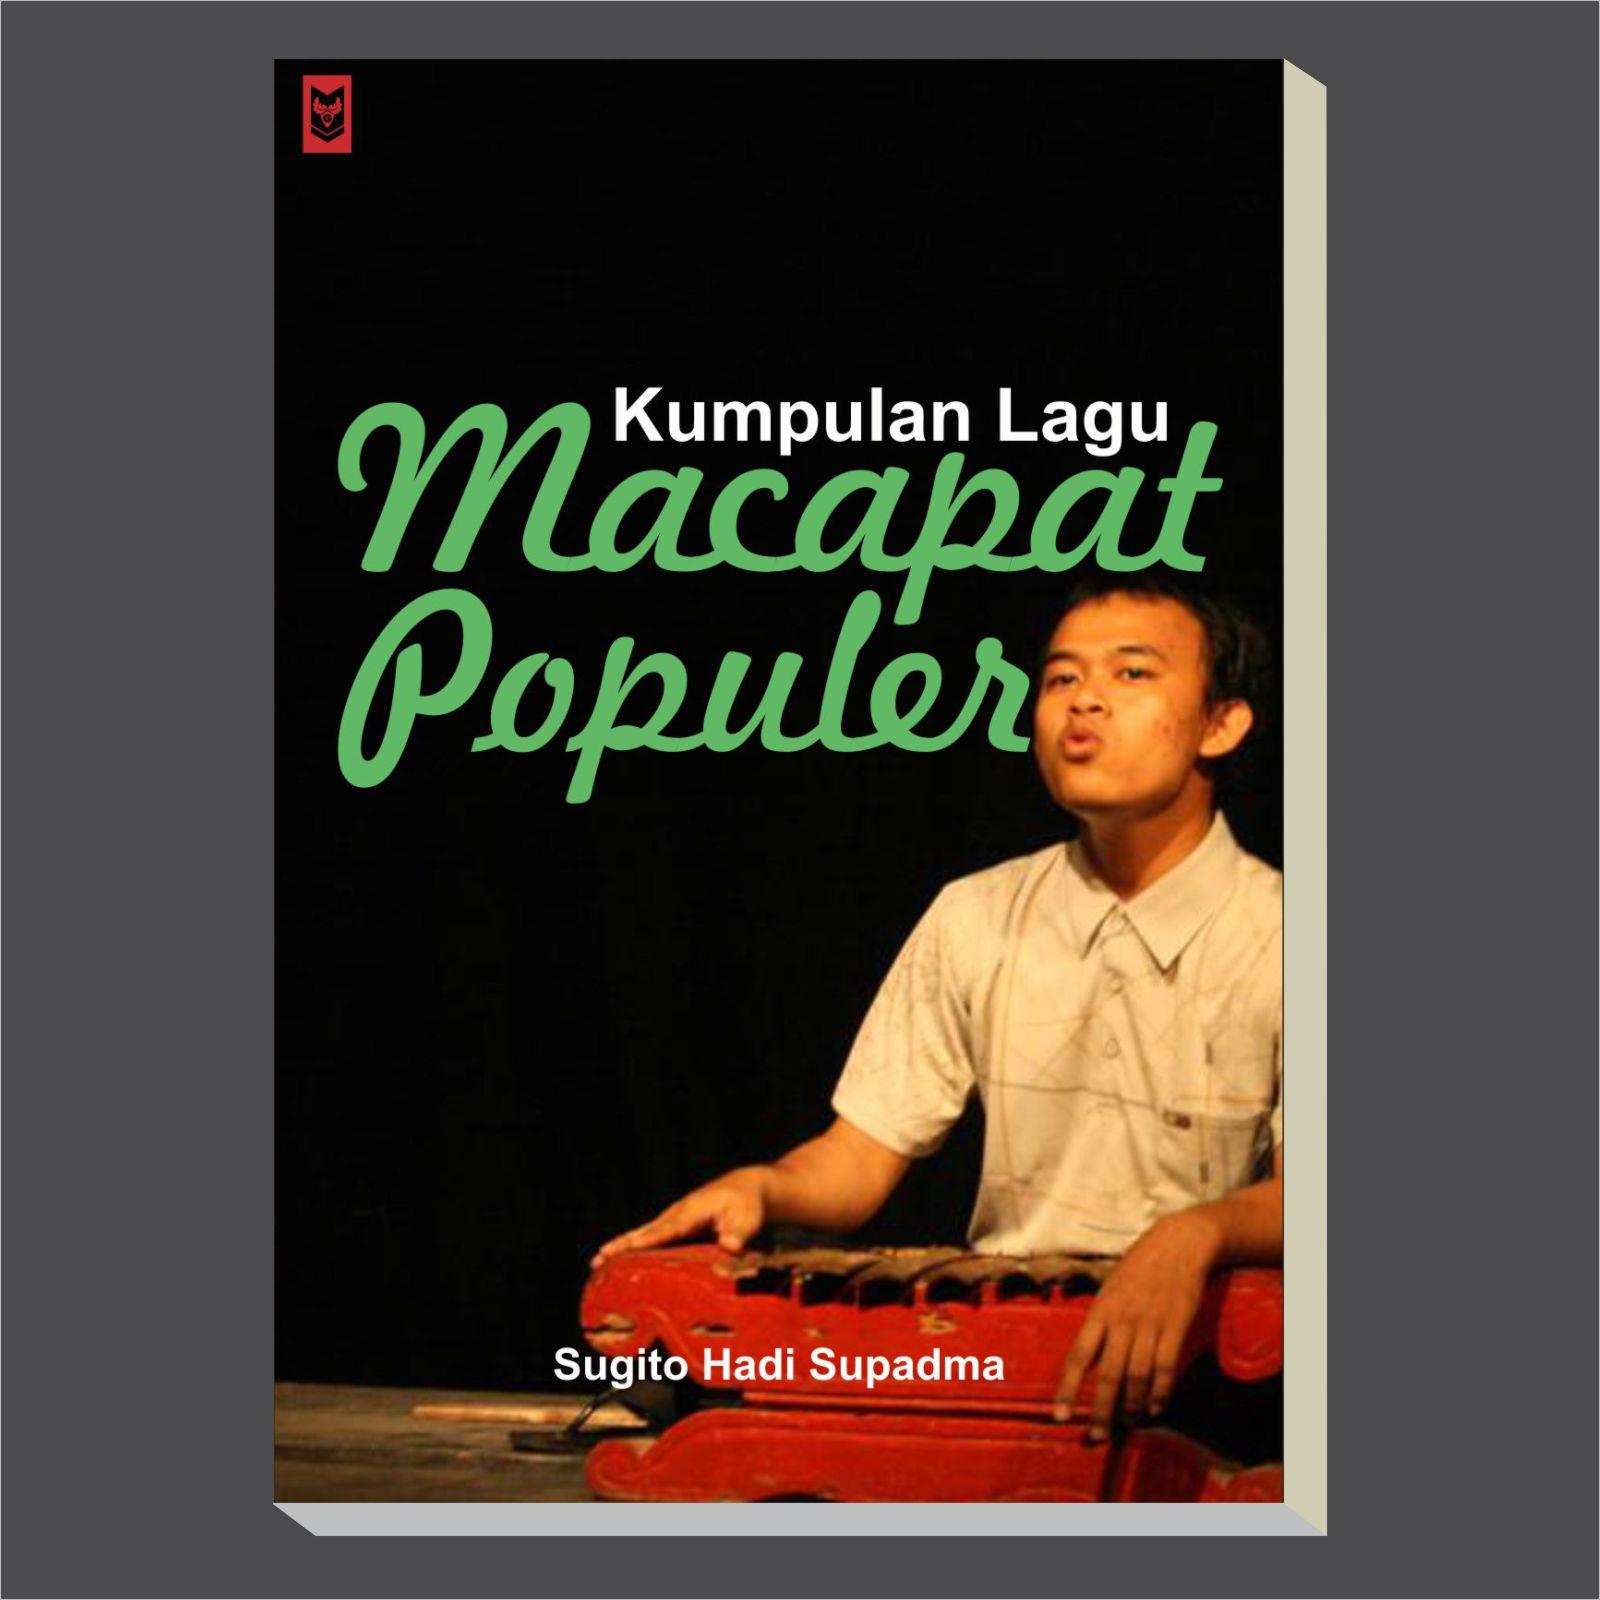 Display Macapat Populer | Kumpulan Lagu Macapat Populer